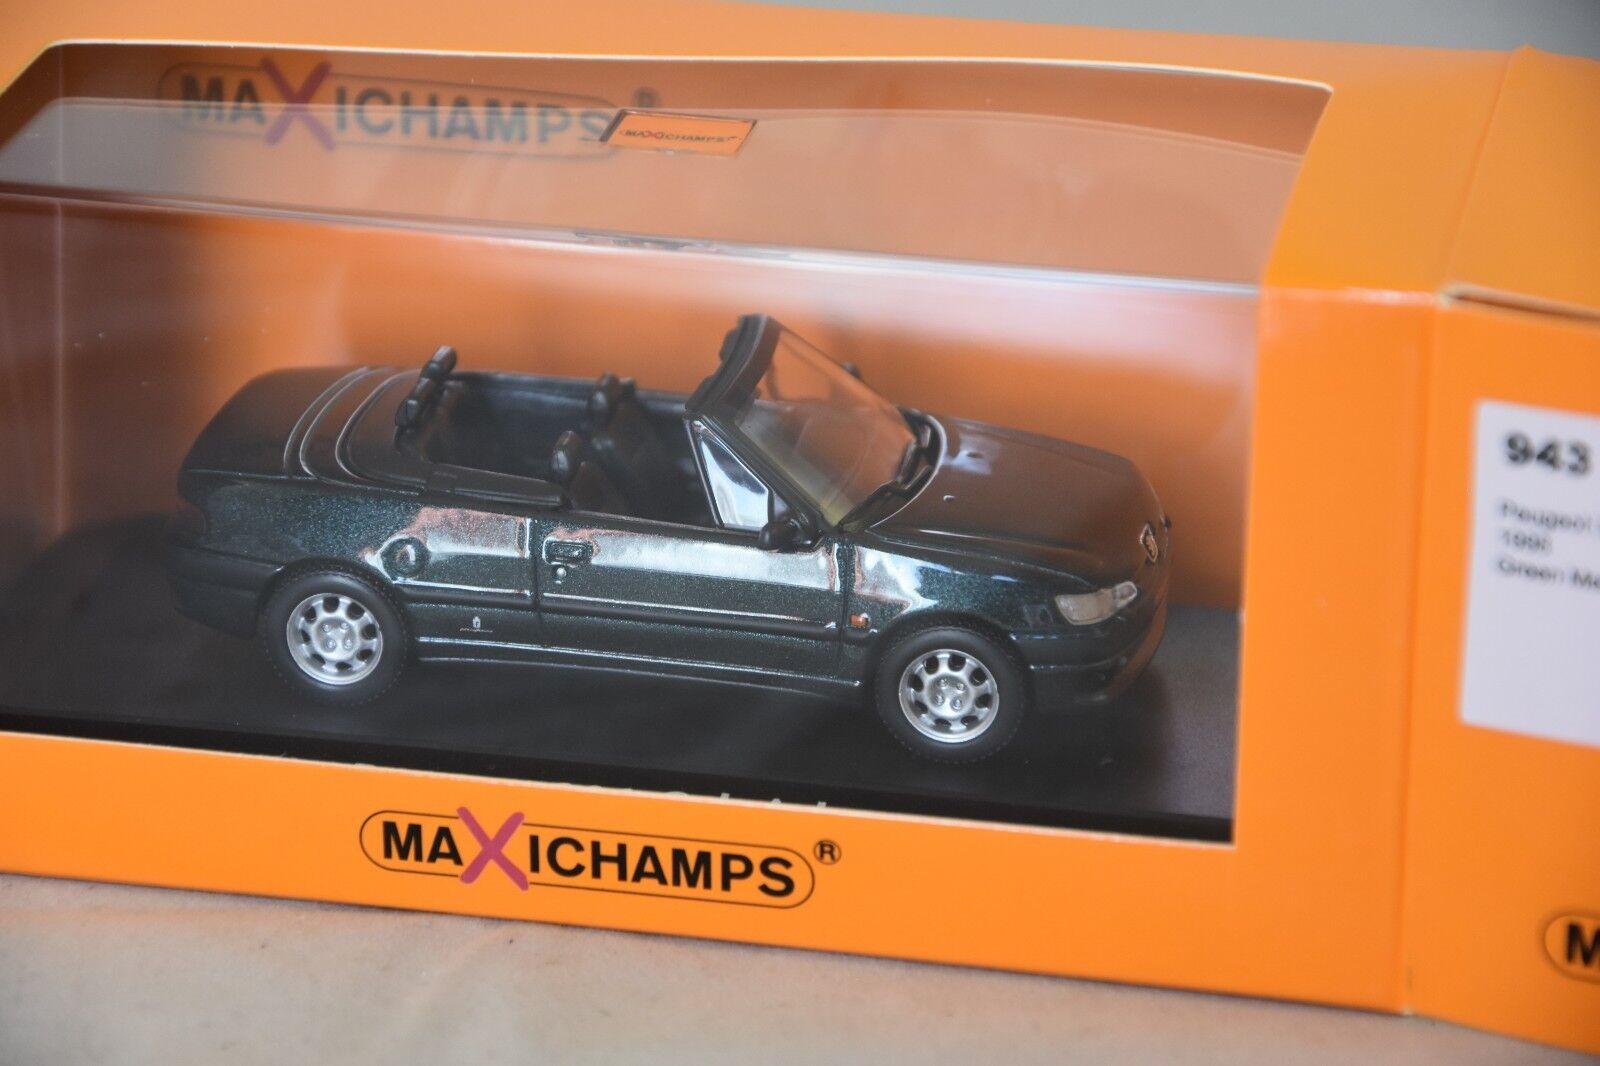 Minichamps maxichamps 943112833 - Peugeot 306 Cabriolet  1998 vert 1 43